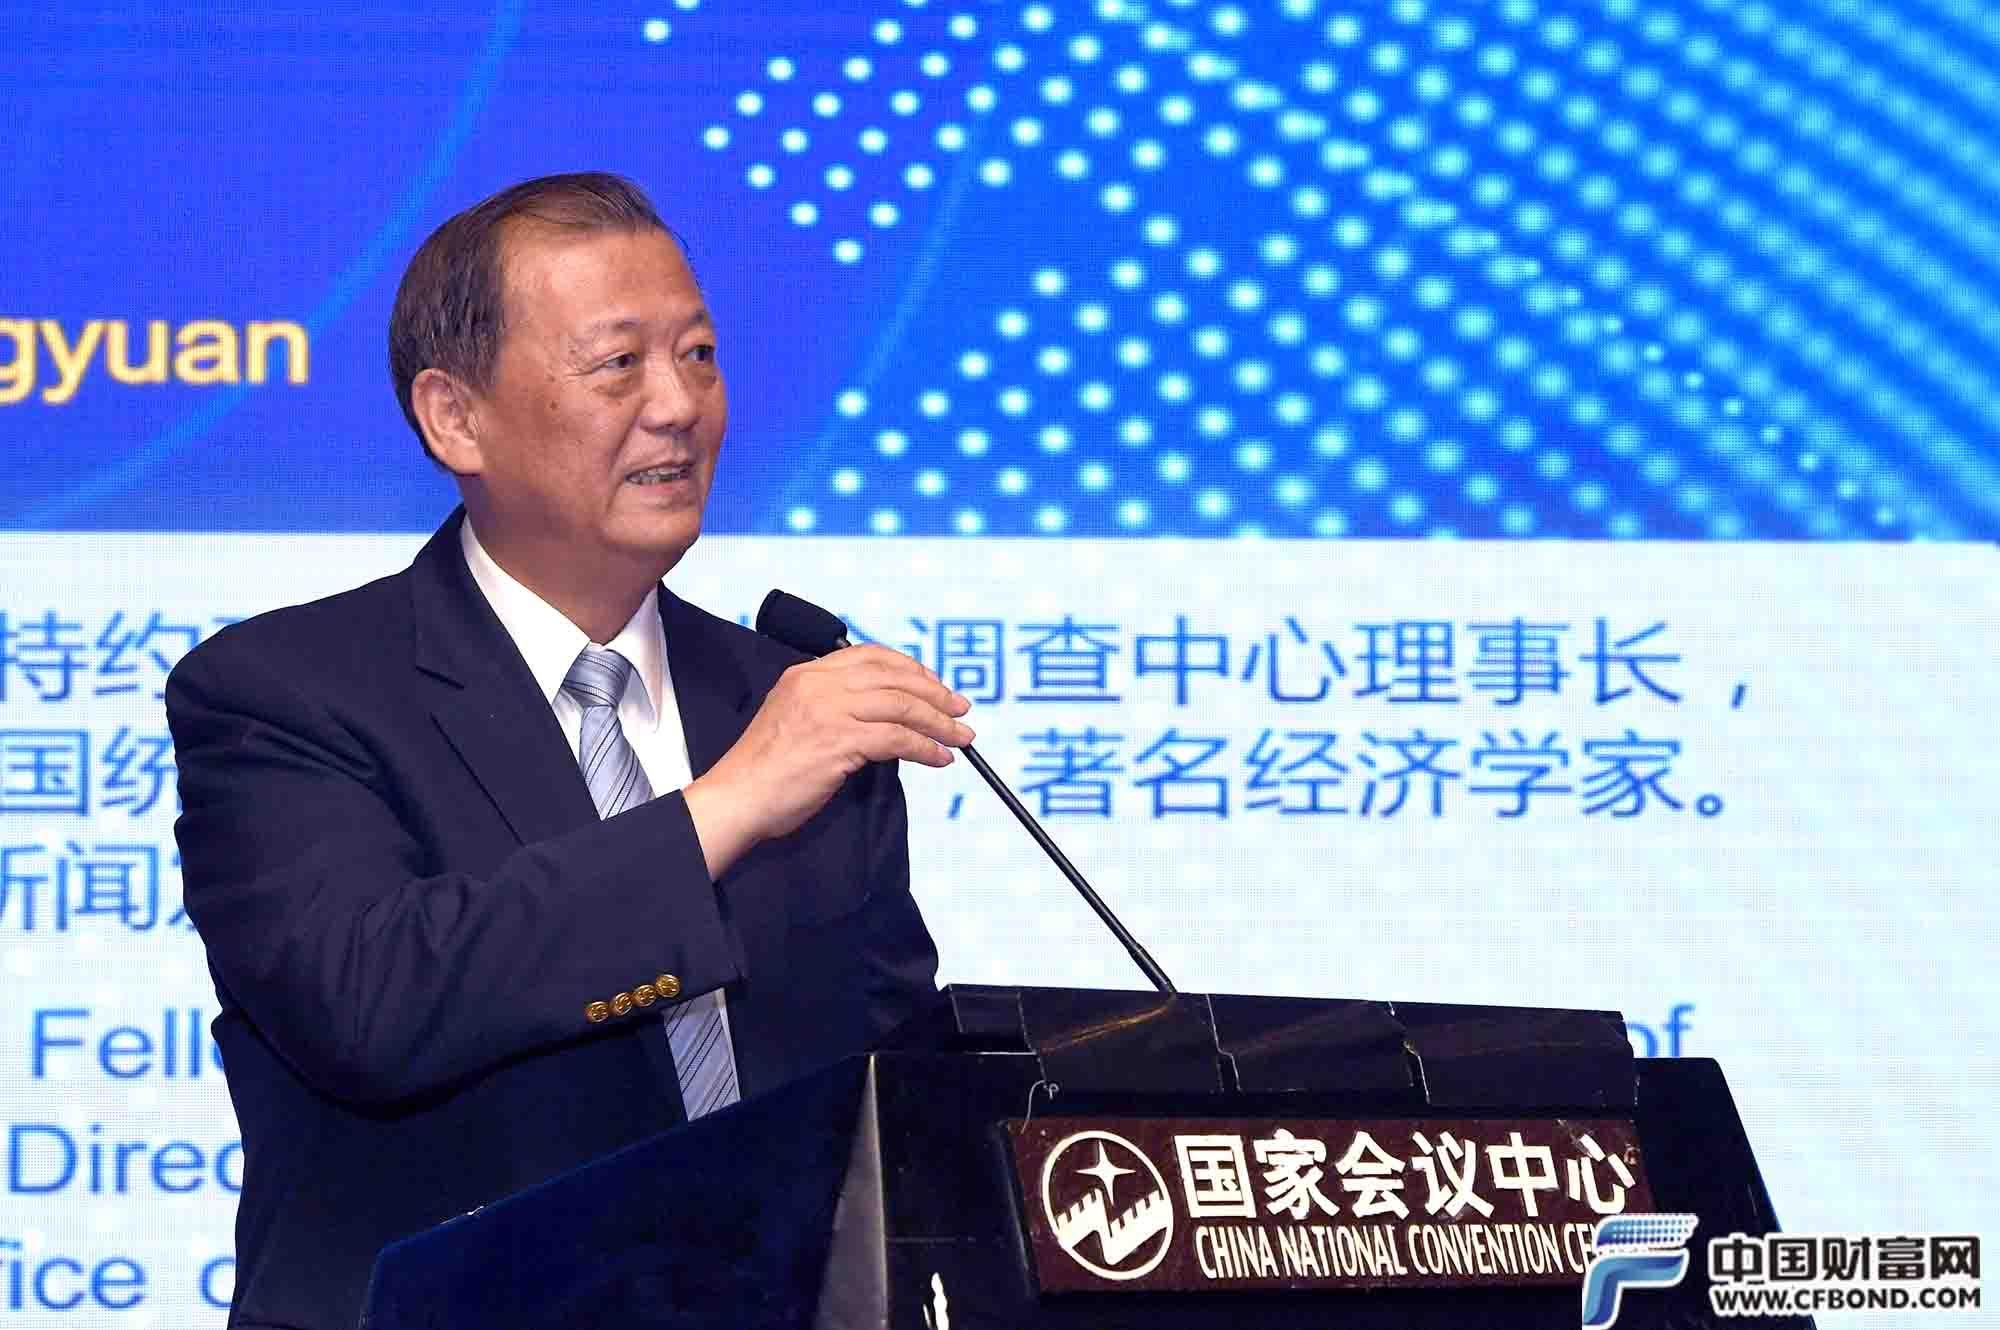 著名经济学家姚景源发表演讲